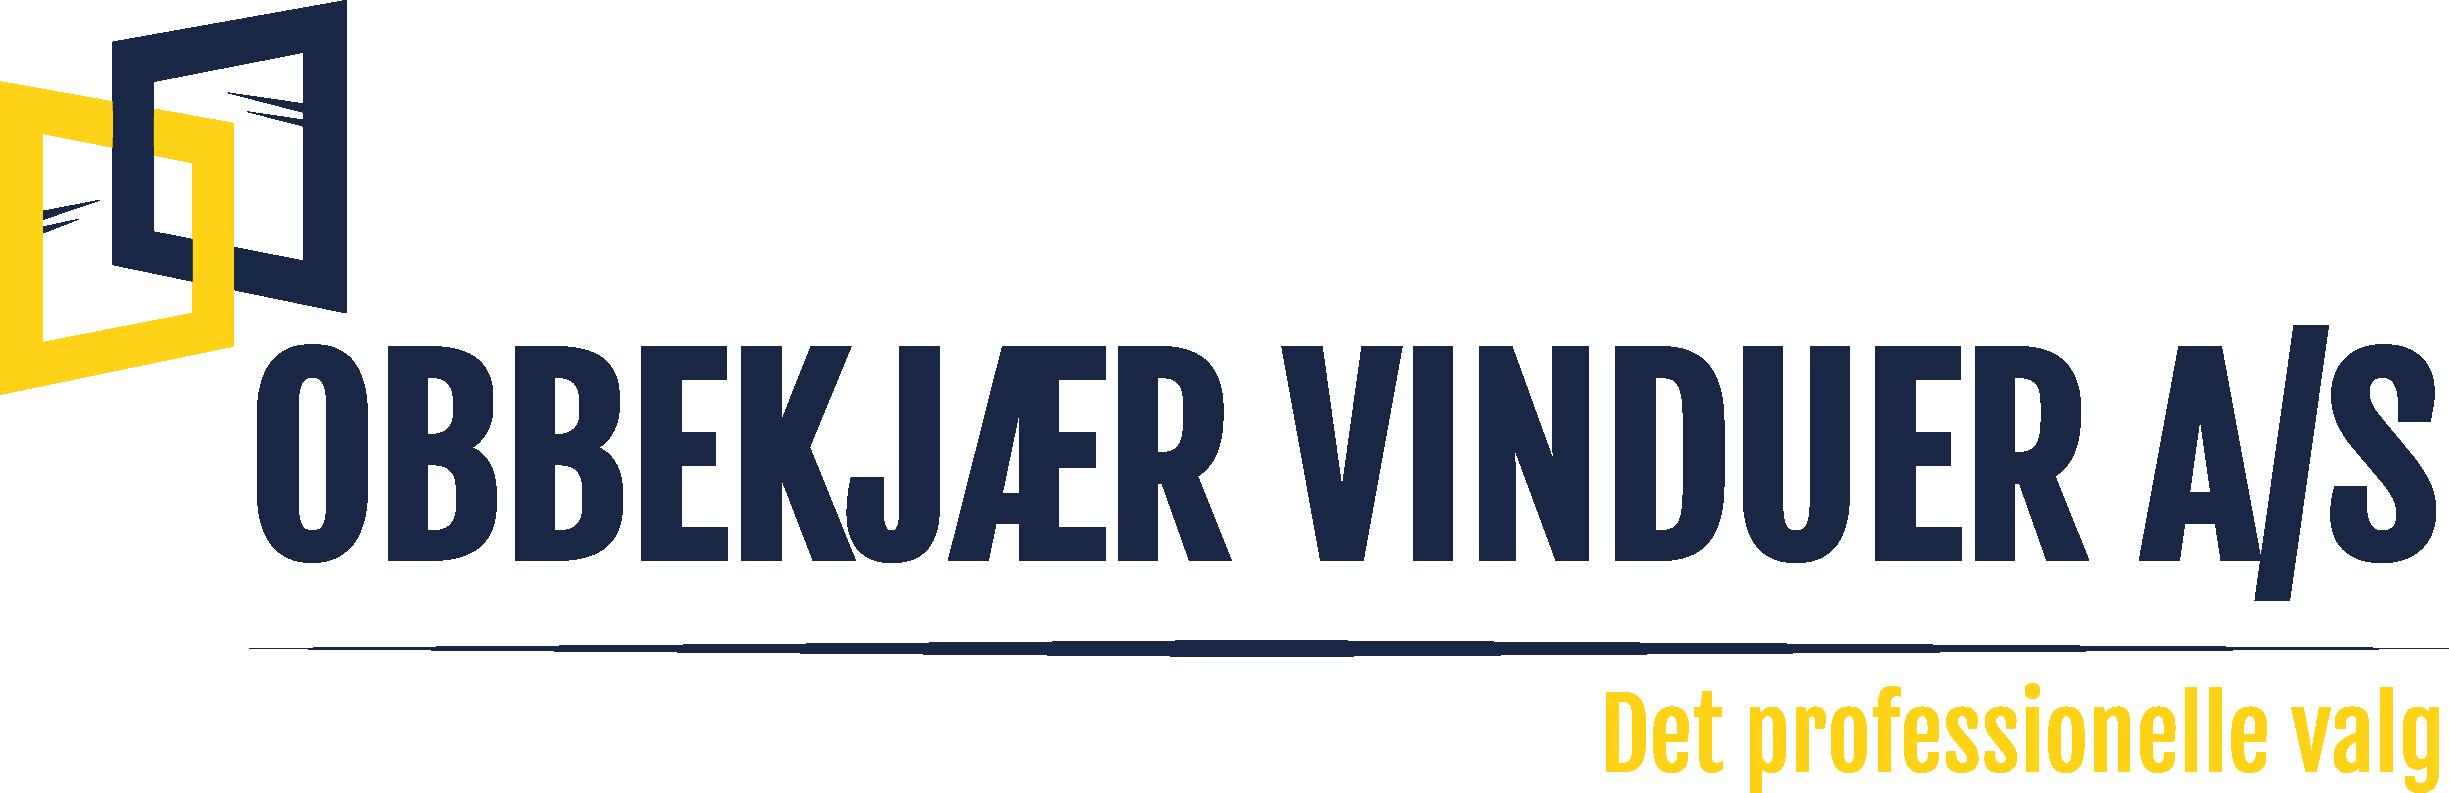 Obbekjær Vinduer Logo